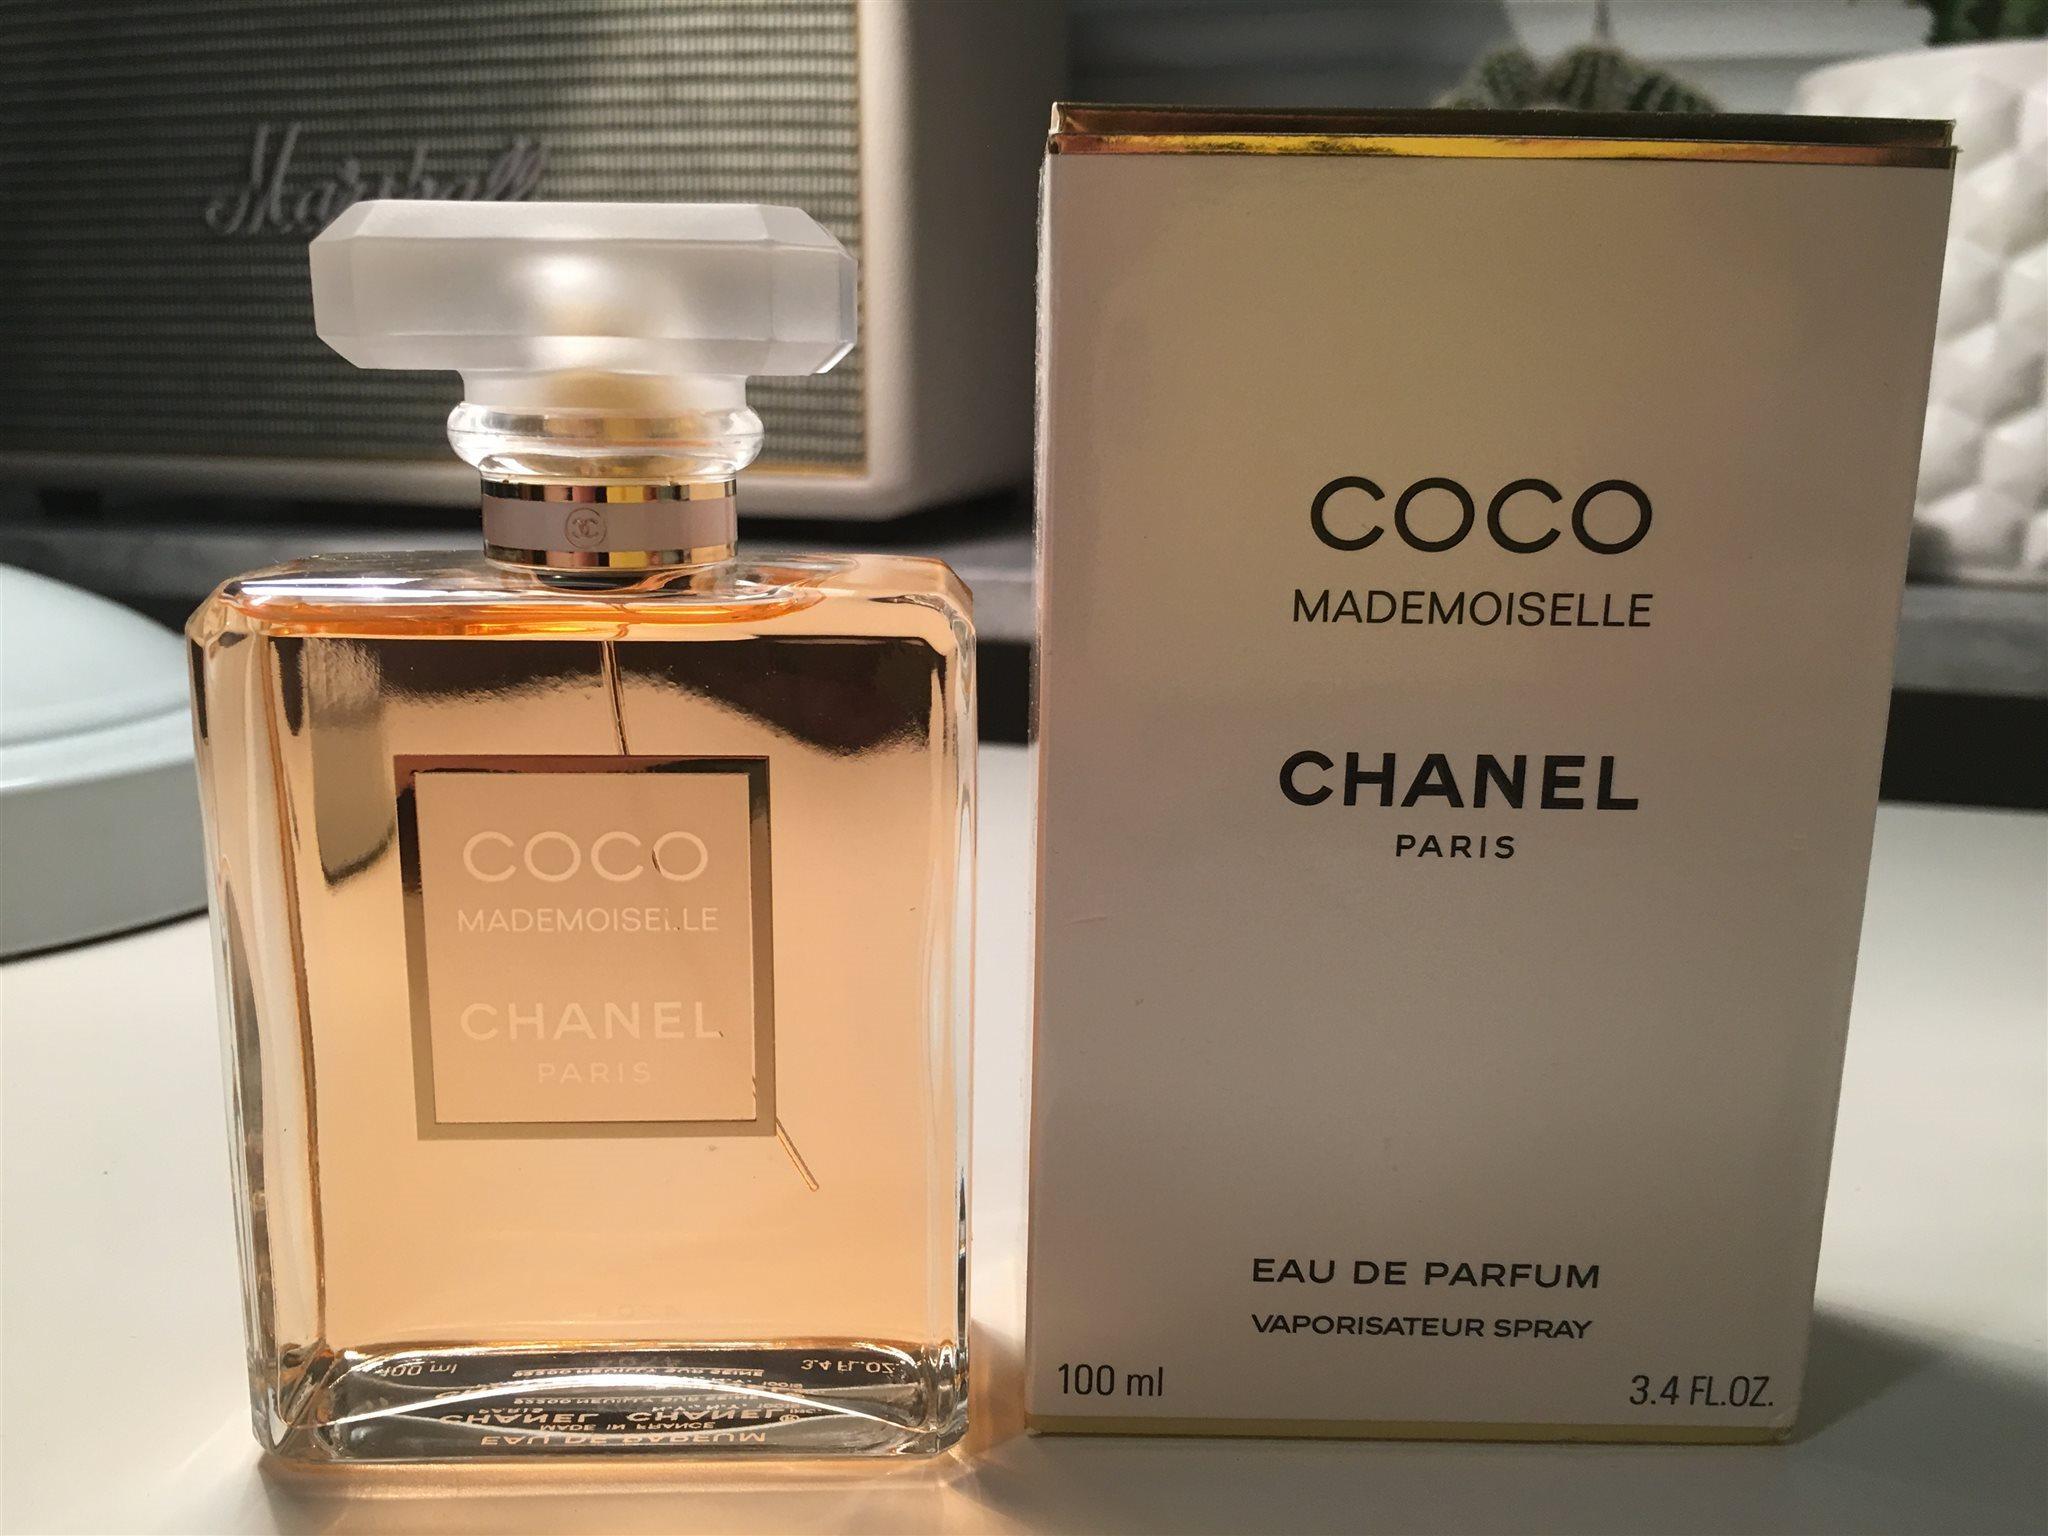 Chanel Coco Mademoiselle 100 Ml Edp Parfym Oa 327001774 Kp 100ml Oanvnd